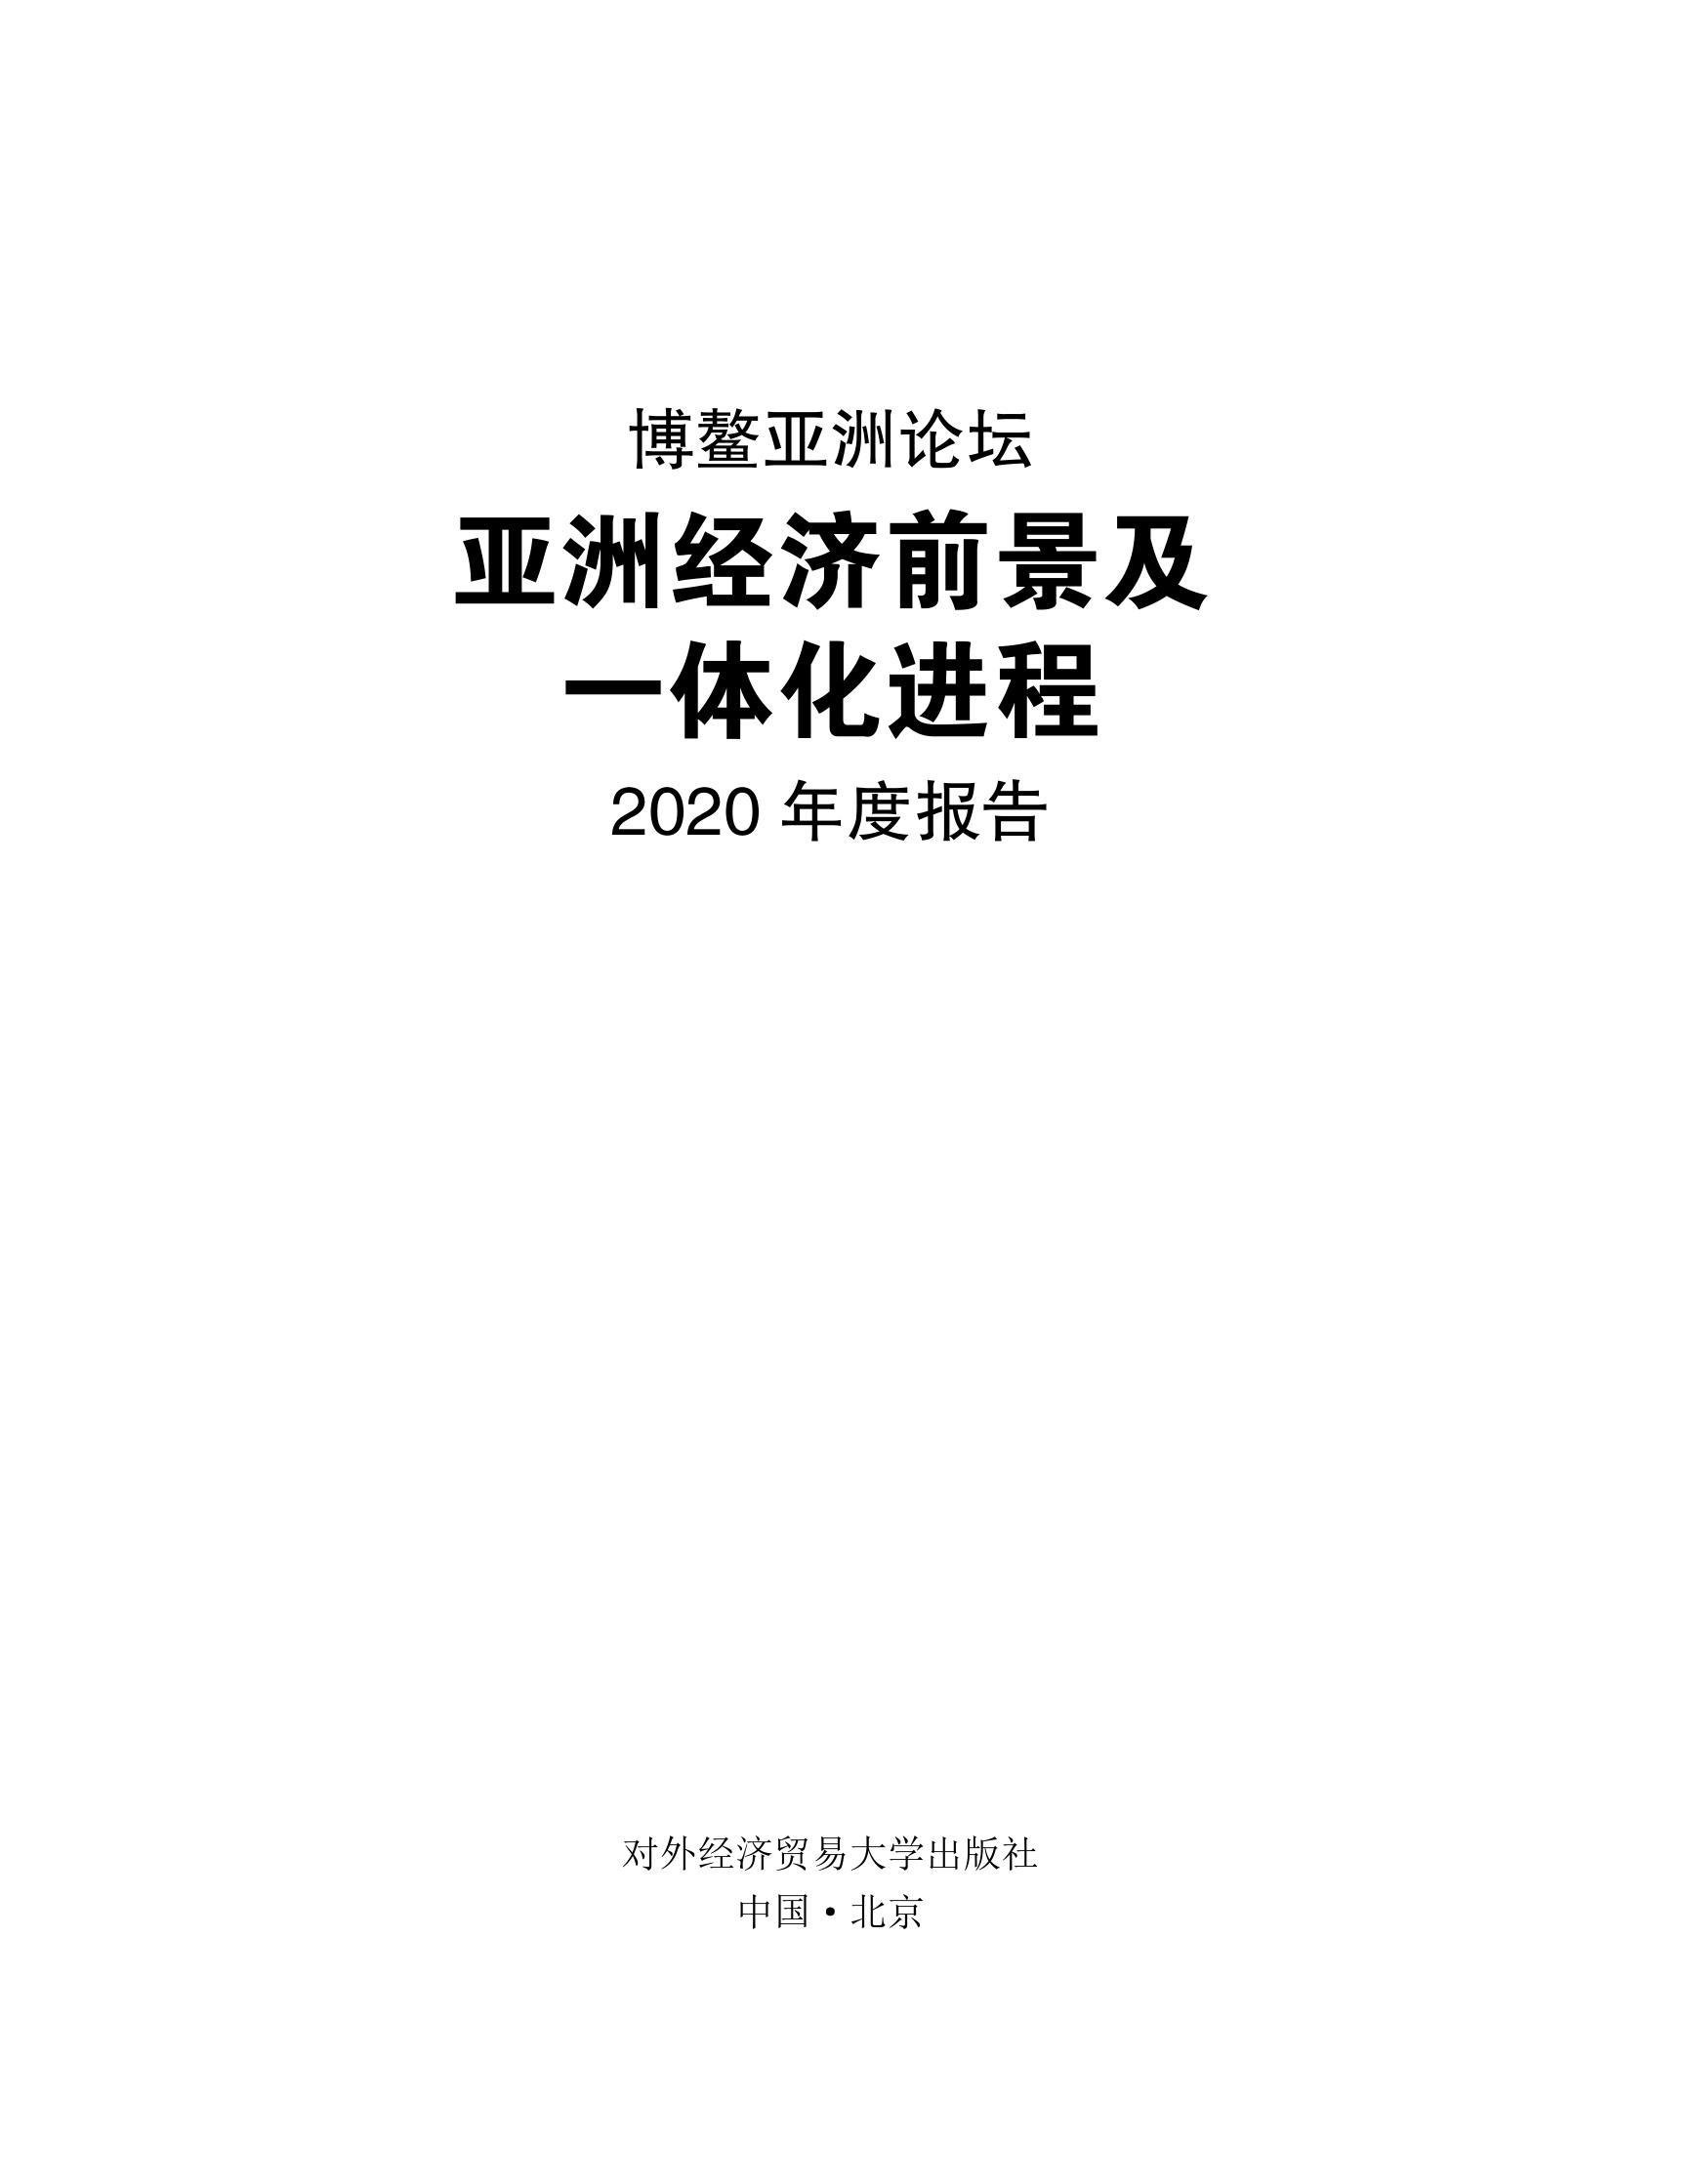 博鳌亚洲论坛:亚洲经济前景及一体化进程2020年度报告